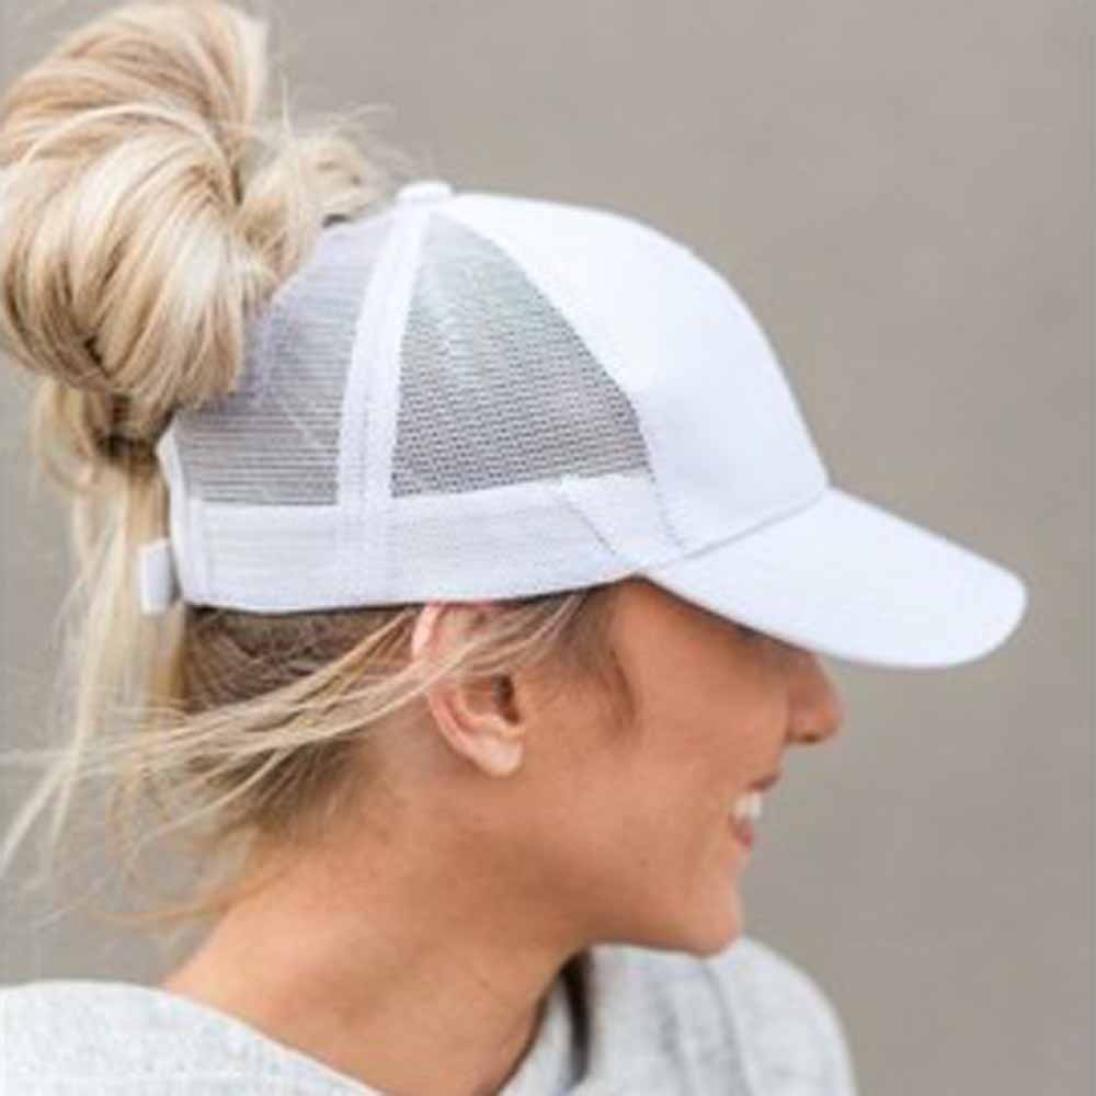 Baseball Cap, Shybuy Trucker Hat Plain Ponytail Baseball Visor Cap Adjustable Ponytail Cap (White, 54~62cm) by Shybuy Hat (Image #1)